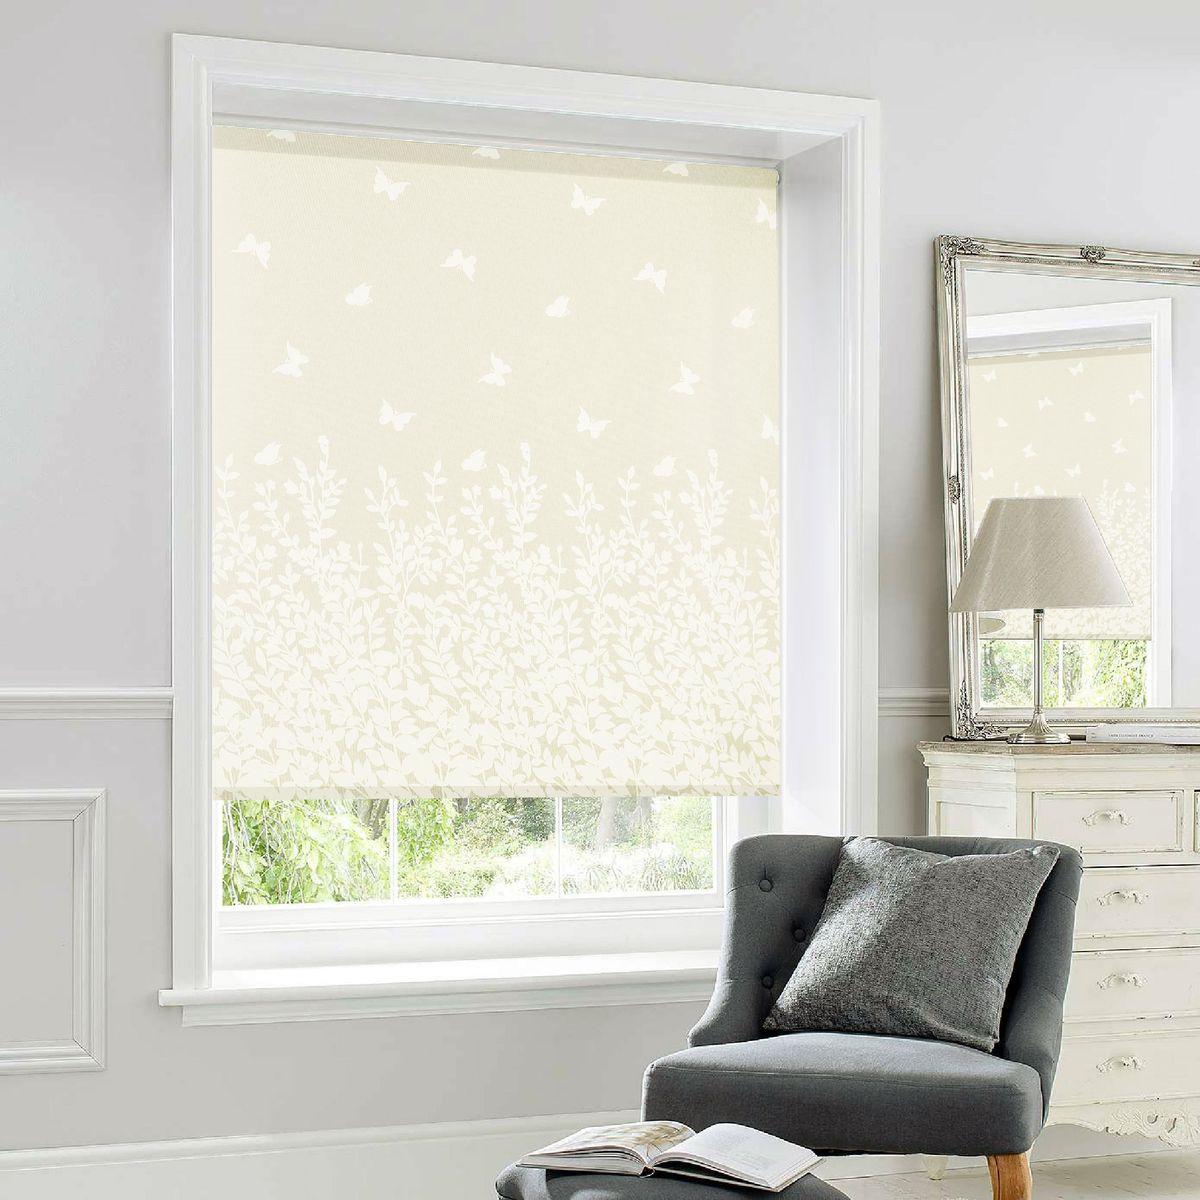 Рулонные шторы Garden (Текстиль) Print Natura, Ширина50 см, Цветочный